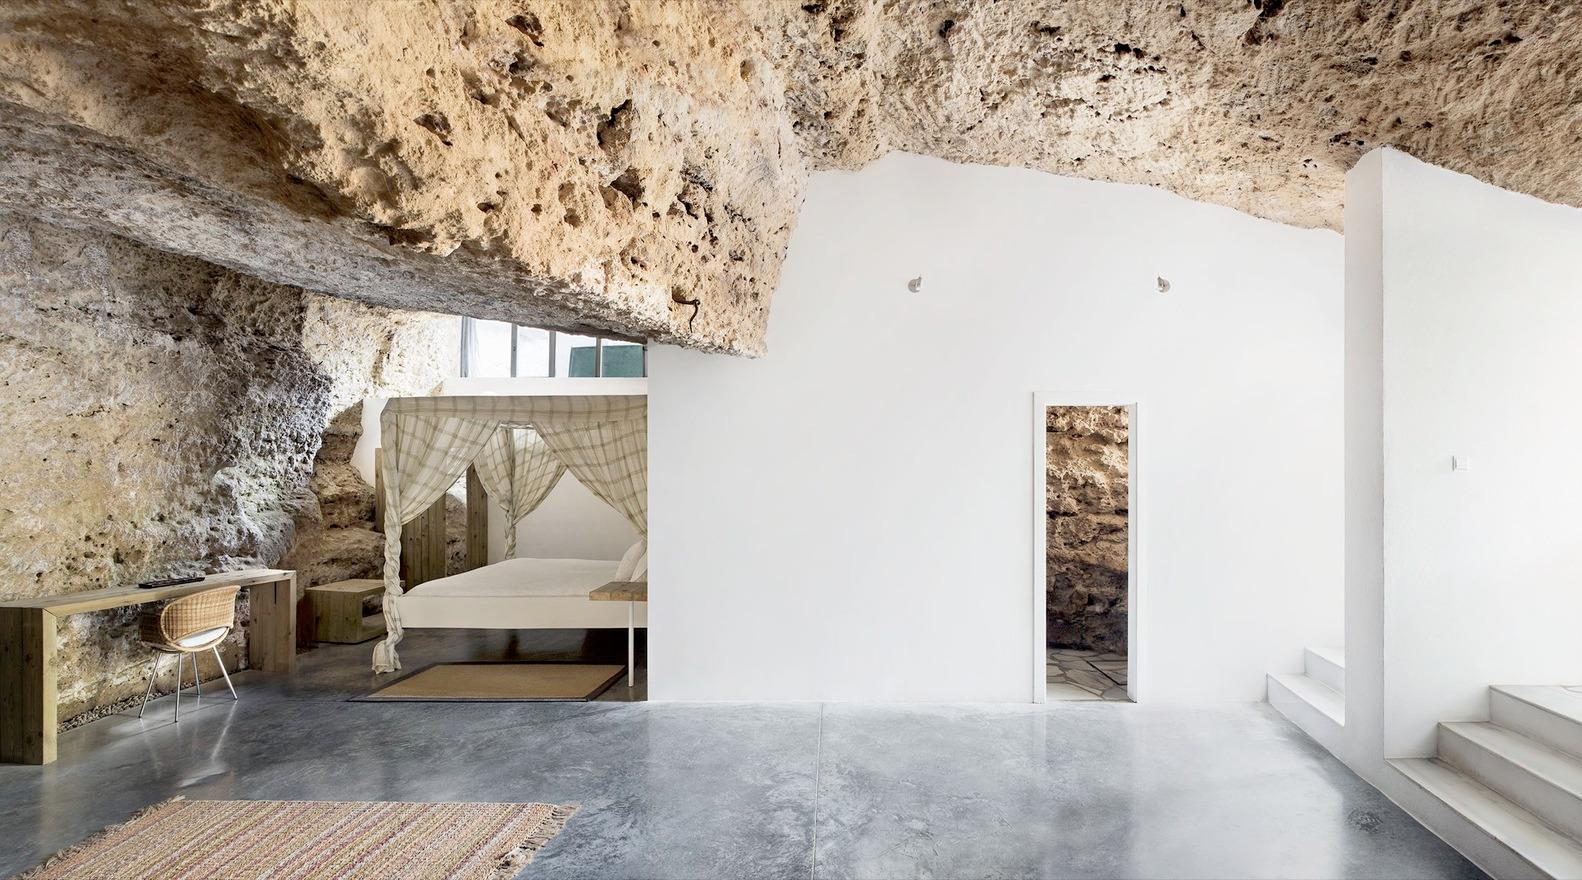 House Cave / UMMO Estudio archi - red_wolf   ello